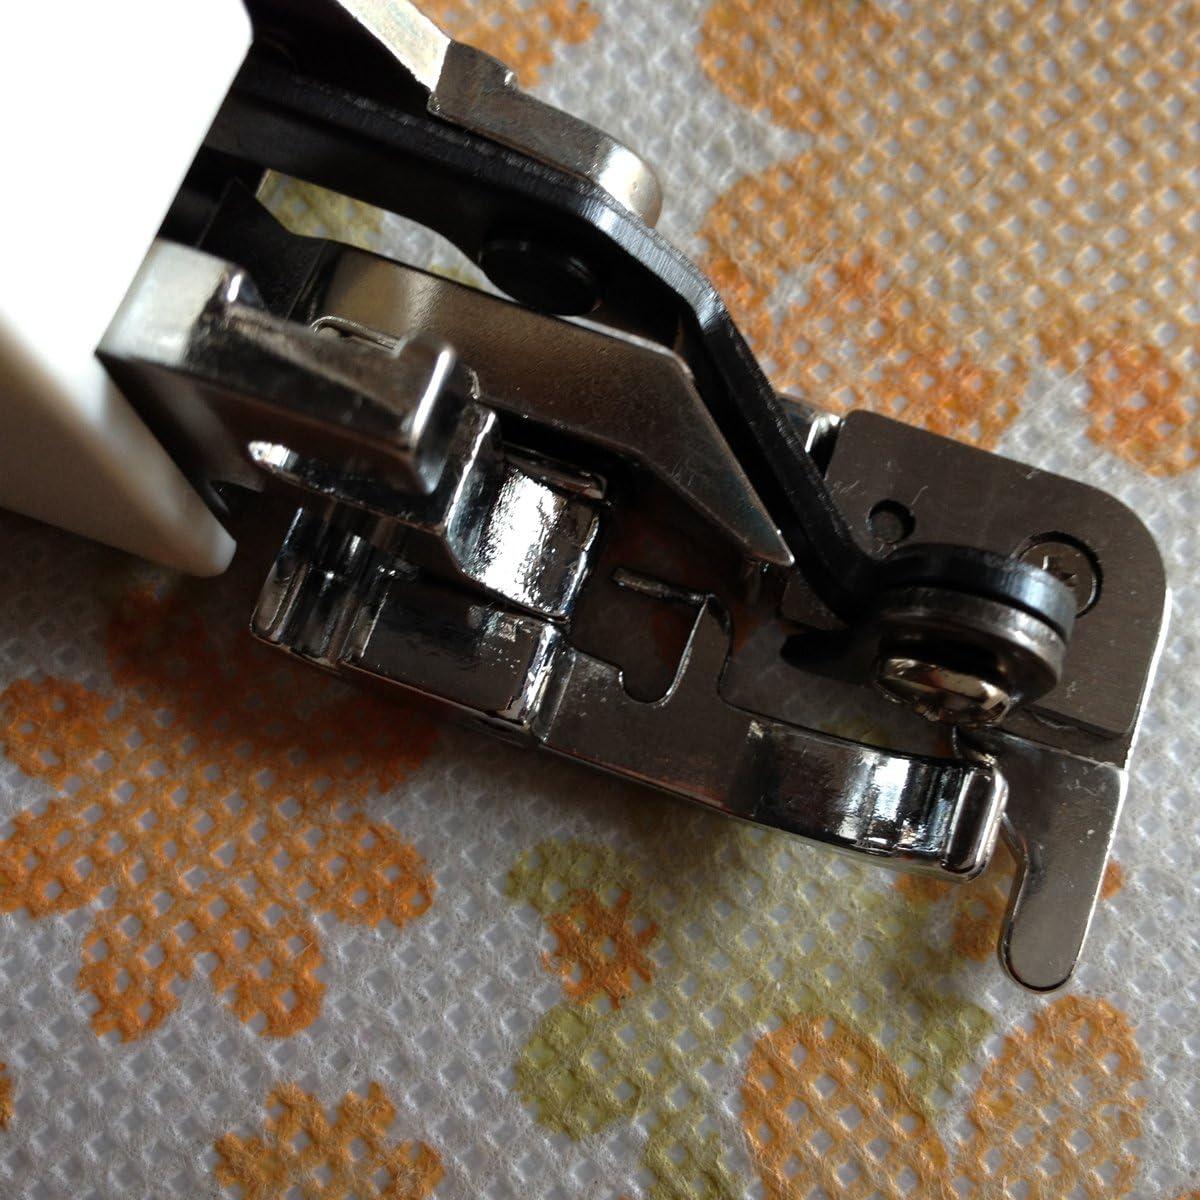 Babylock para m/áquinas Singer Brother Prensatelas multifuncional con cortador lateral para m/áquina de coser Janome y Kenmore